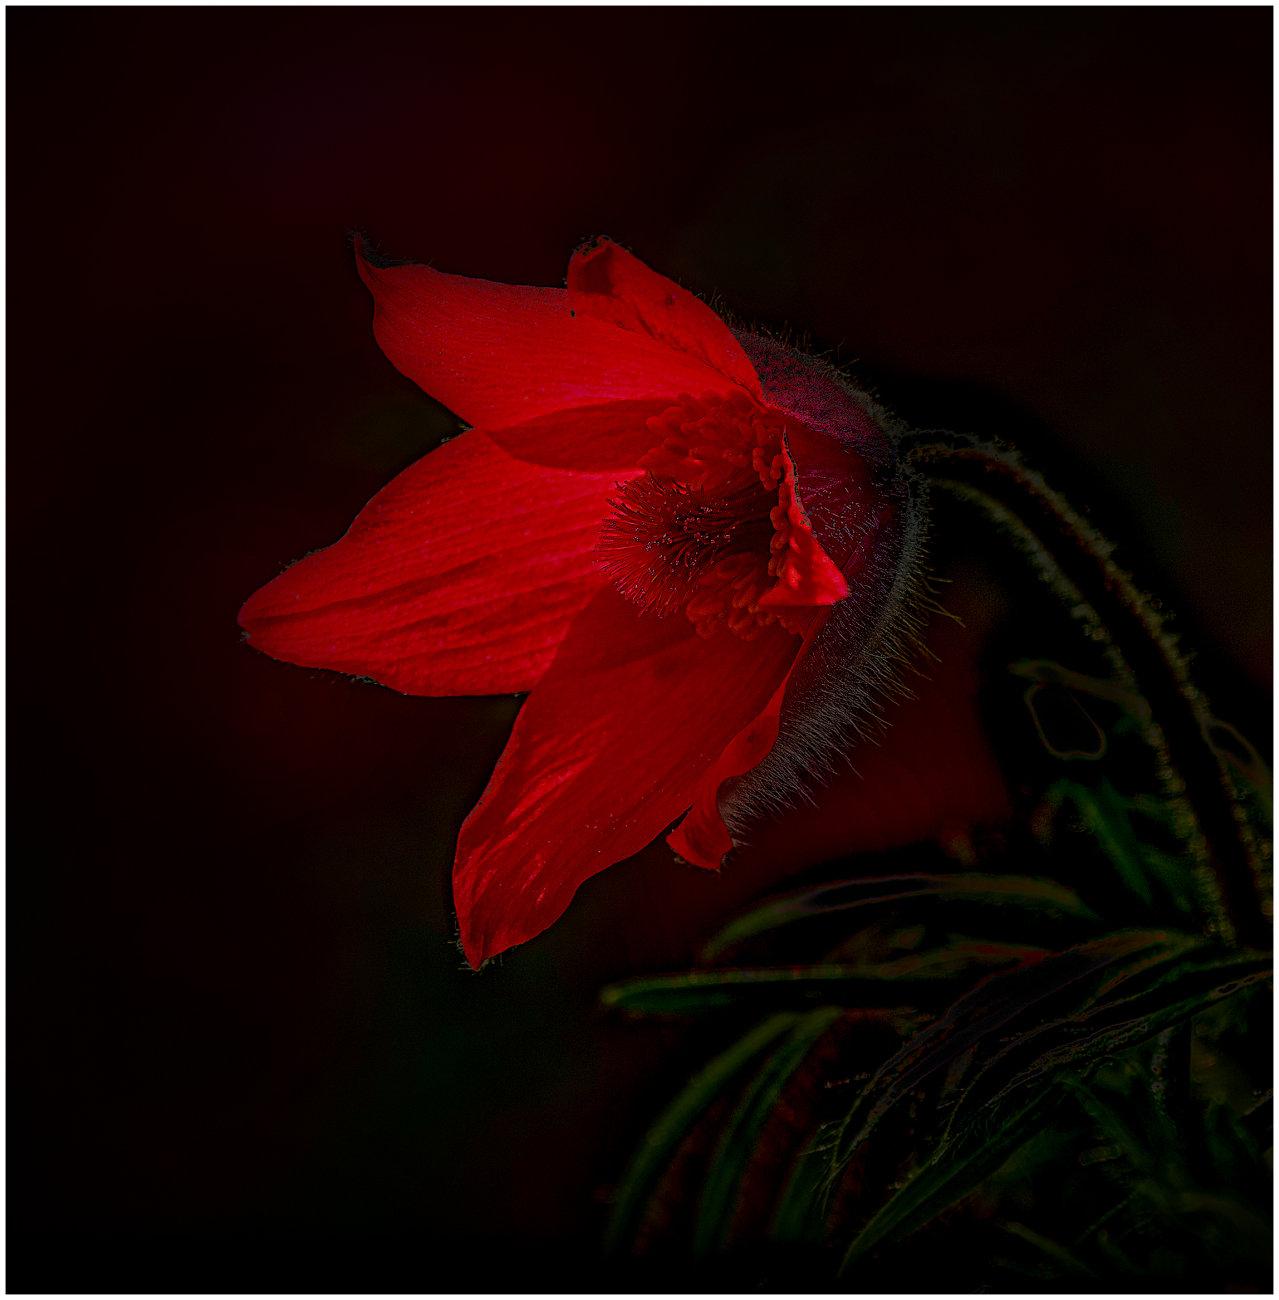 Glowing Bloom